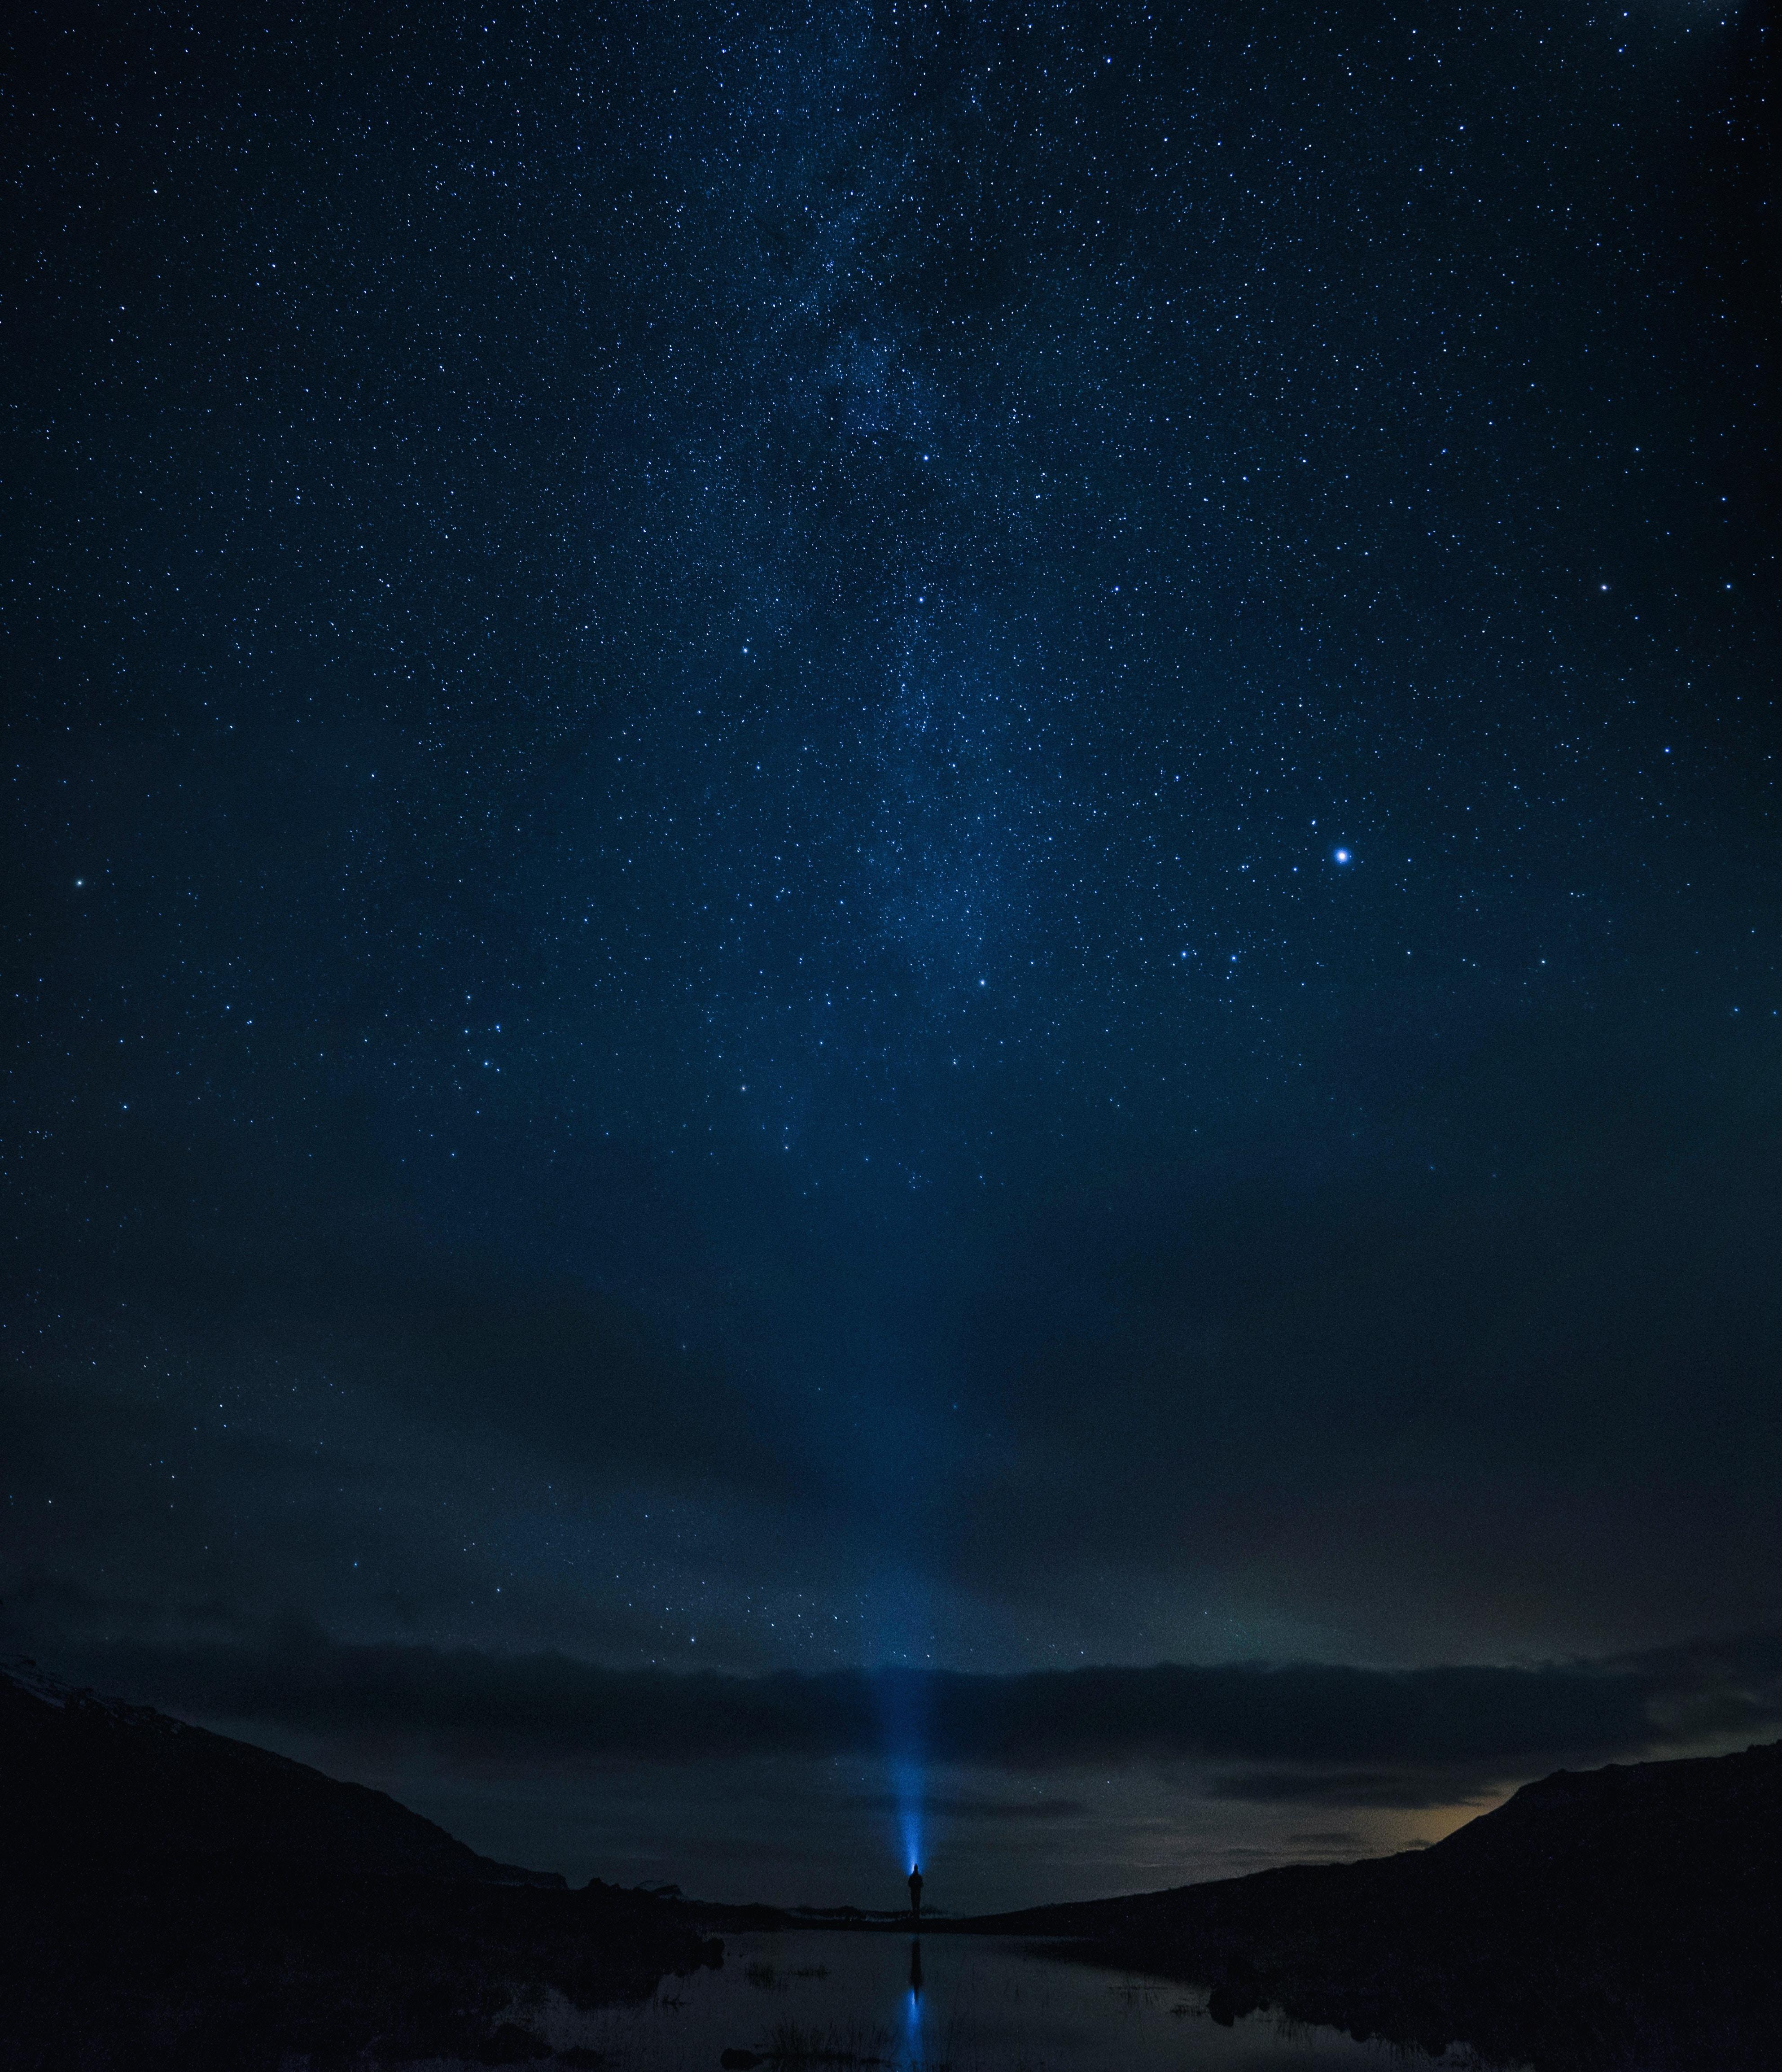 92328 скачать обои Одинокий, Темные, Звезды, Небо, Ночь, Горизонт, Силуэт, Звездное Небо, Одиночество - заставки и картинки бесплатно